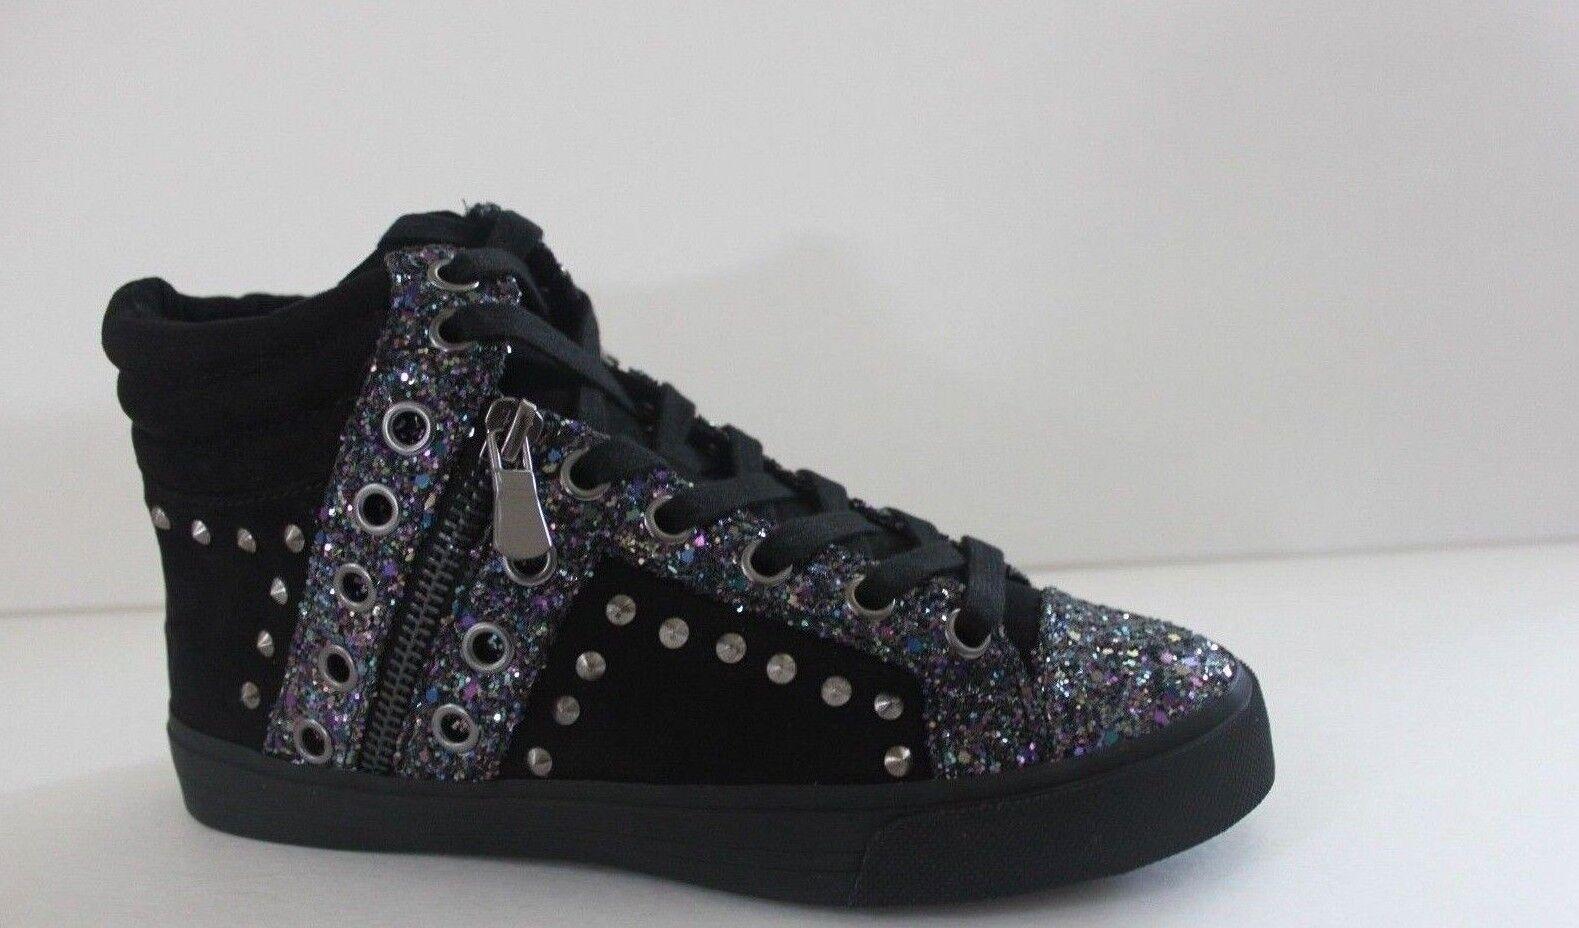 Gianni Bini Zapatillas Zapatos para mujer mujer mujer Talla 5.5 7.5 M De Tela Negro De Cuña  connotación de lujo discreta